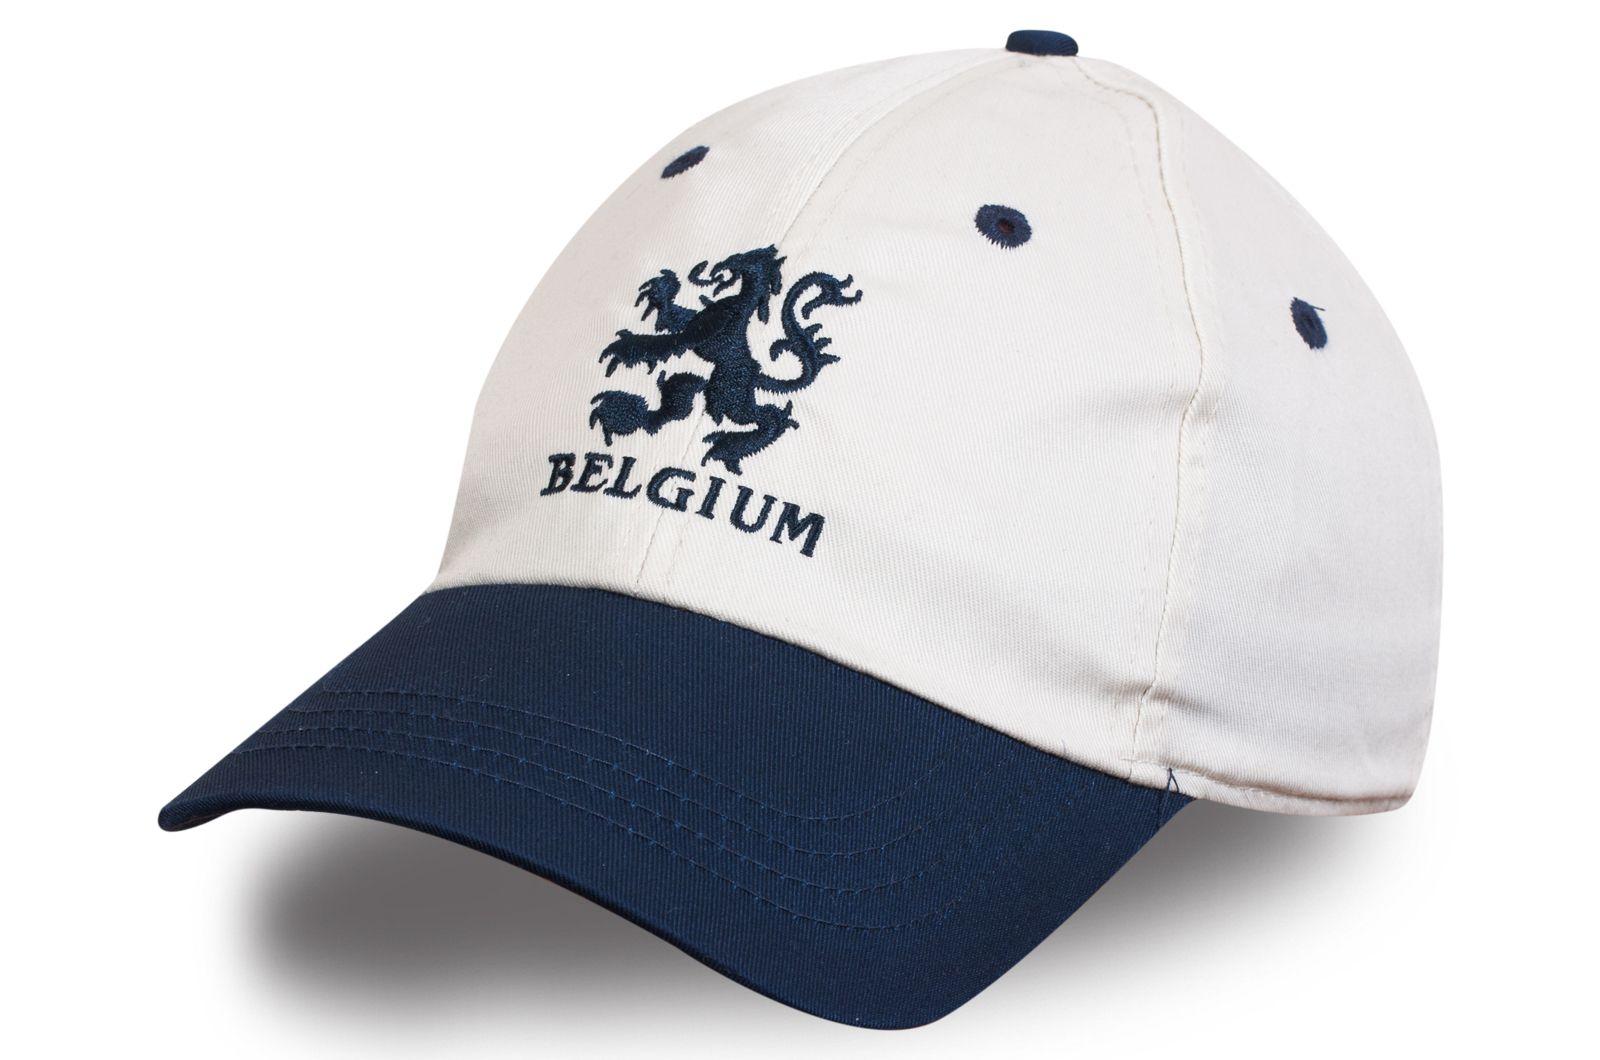 Бельгийская бейсболка - купить по лучшей цене